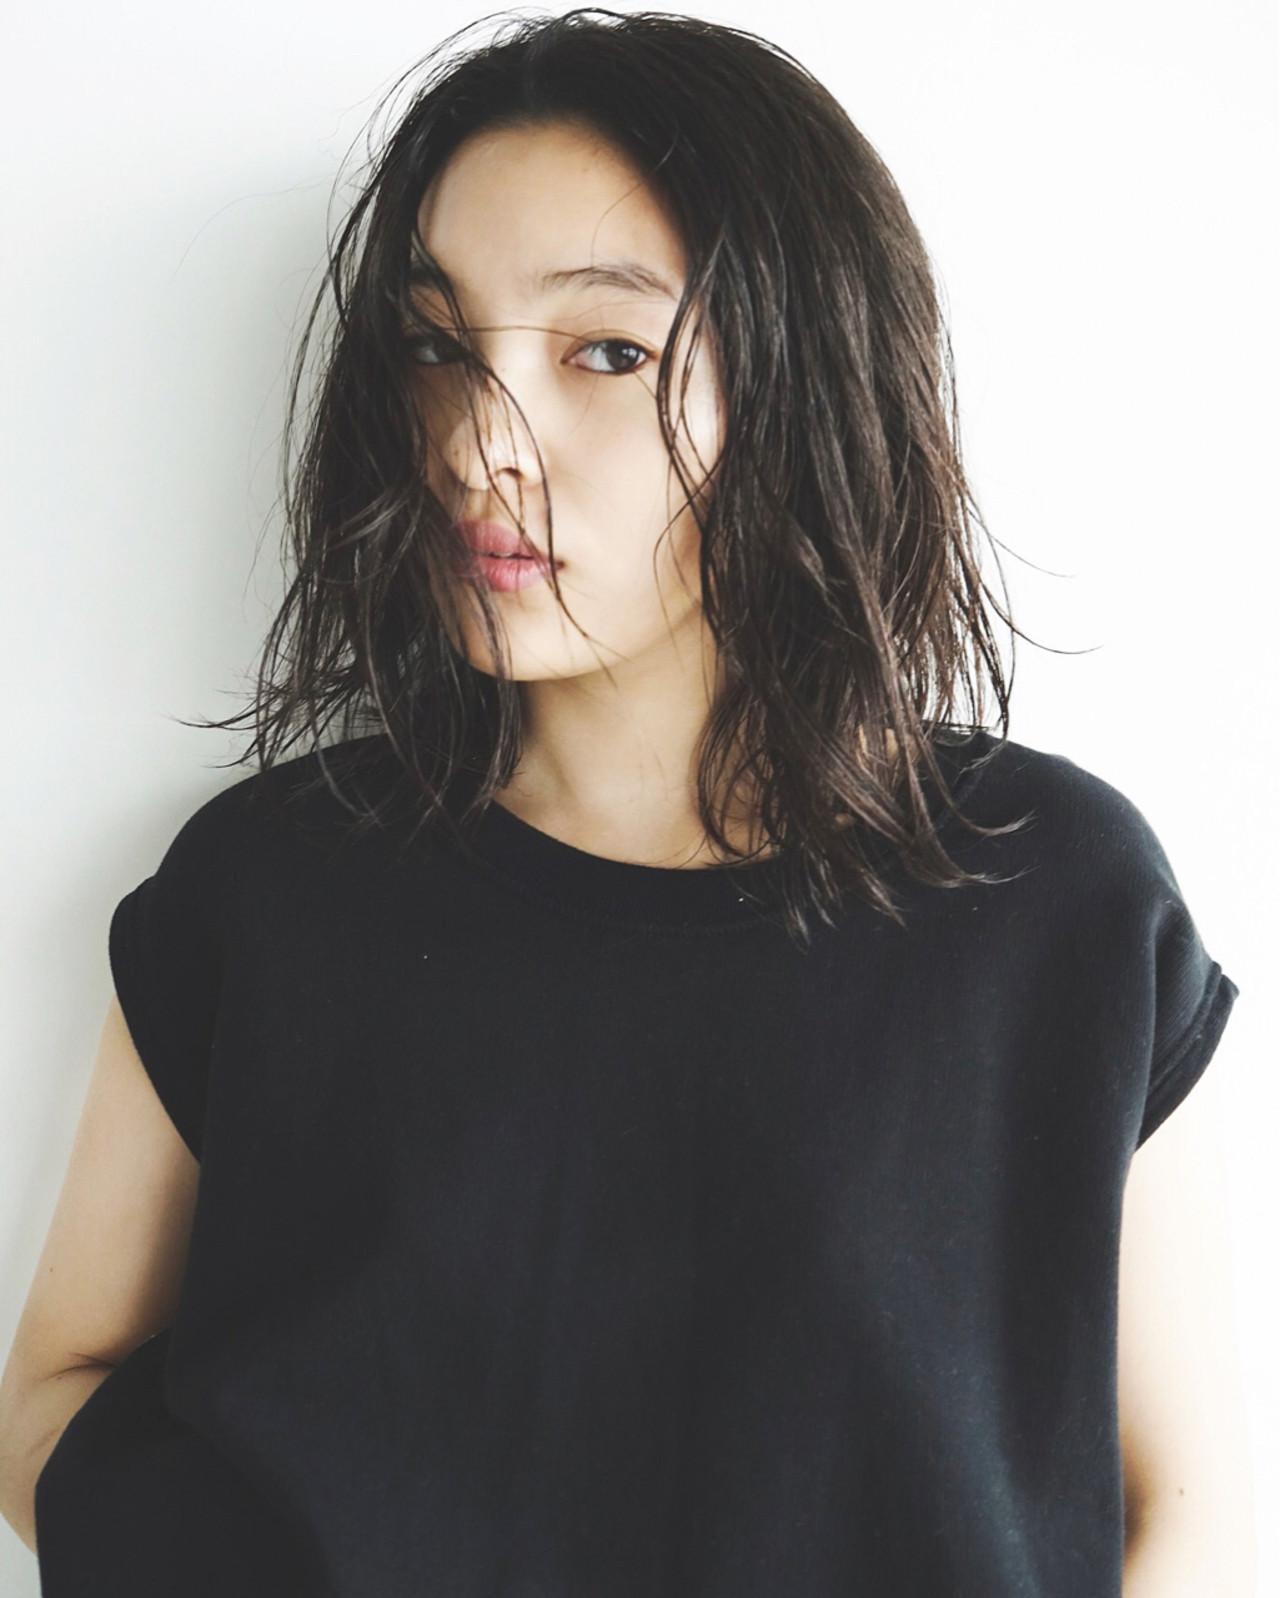 ウェットヘア 大人かわいい 外国人風 ゆるふわ ヘアスタイルや髪型の写真・画像 | 佐野 正人 / nanuk / nanuk